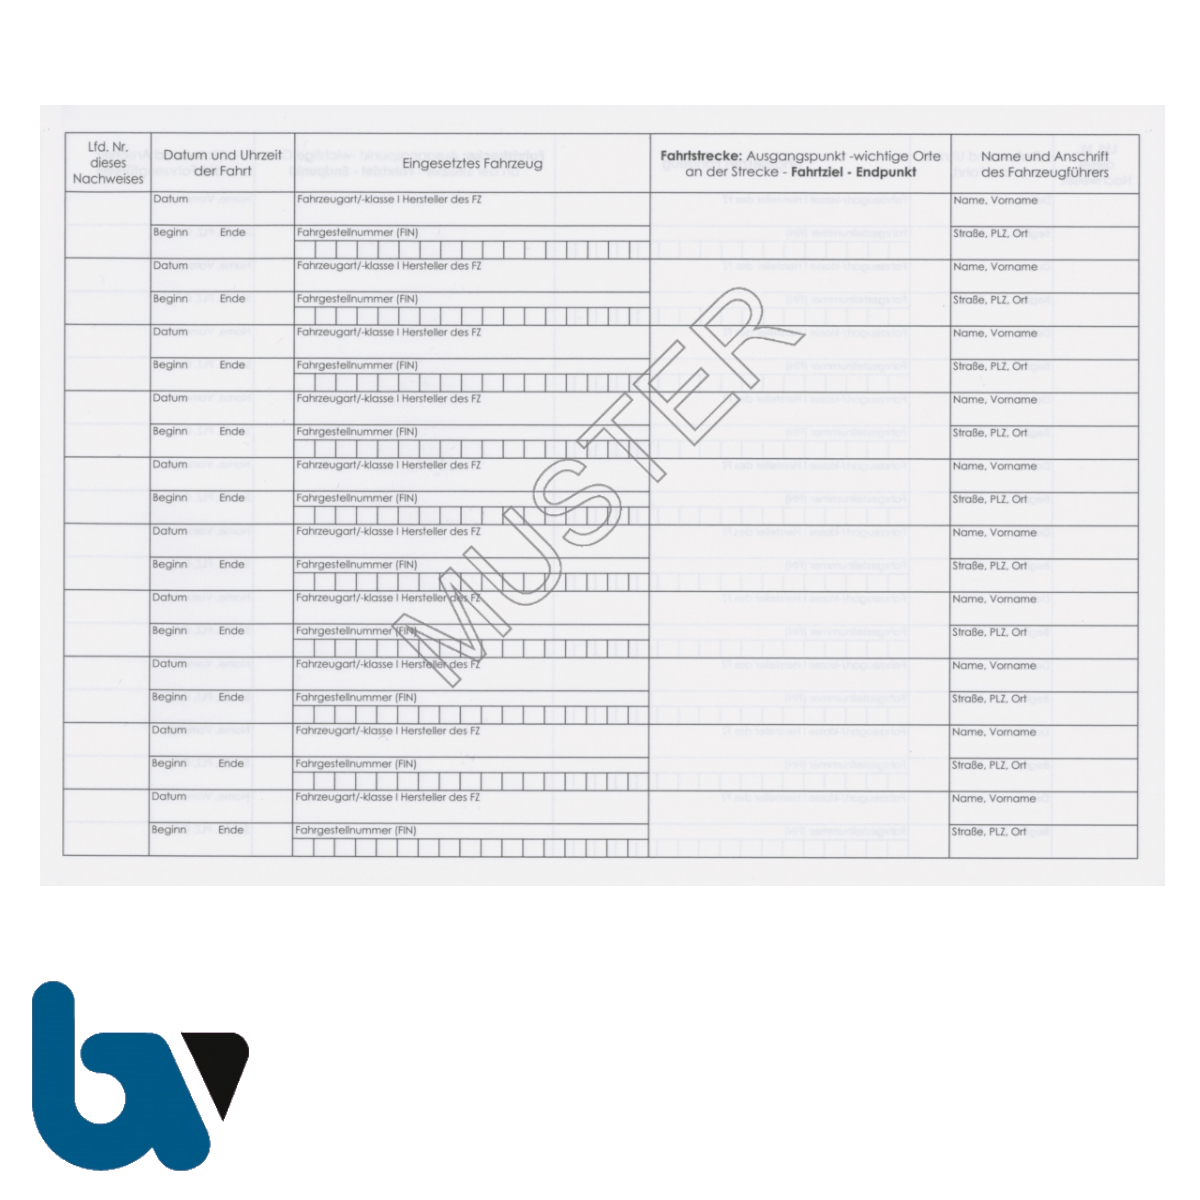 403.1 Nachweisheft Fahrten Verwendung rot Kennzeichen Paragraph 16 Ausgabe Rücknahme FZV 200 Eintragungen 20 Seiten geheftet DIN A5 Seite 1 | Borgard Verlag GmbH